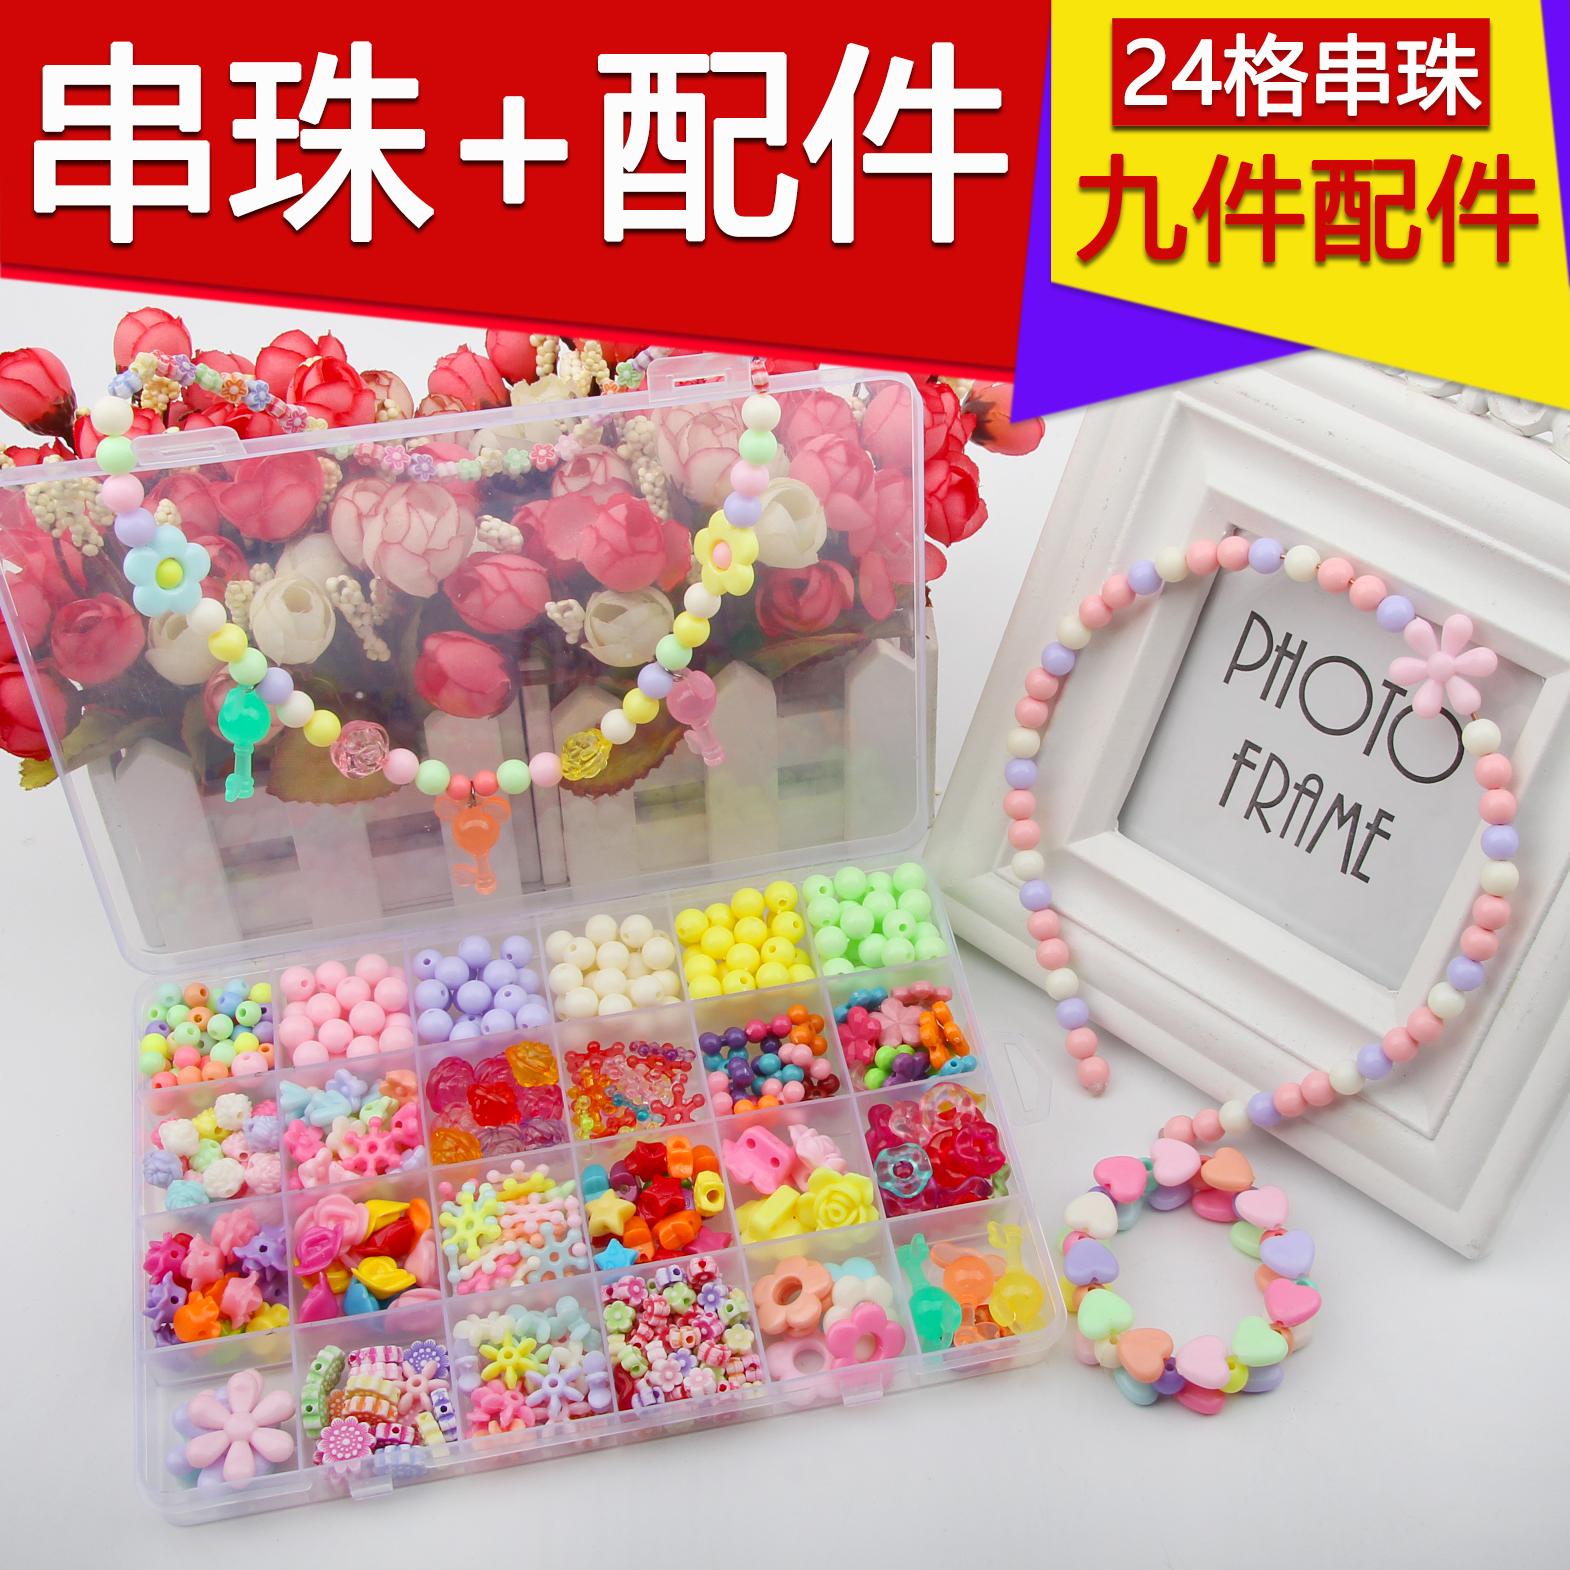 儿童diy手工串珠益智玩具弱视训练女孩玩具制作手链项链弱视训练